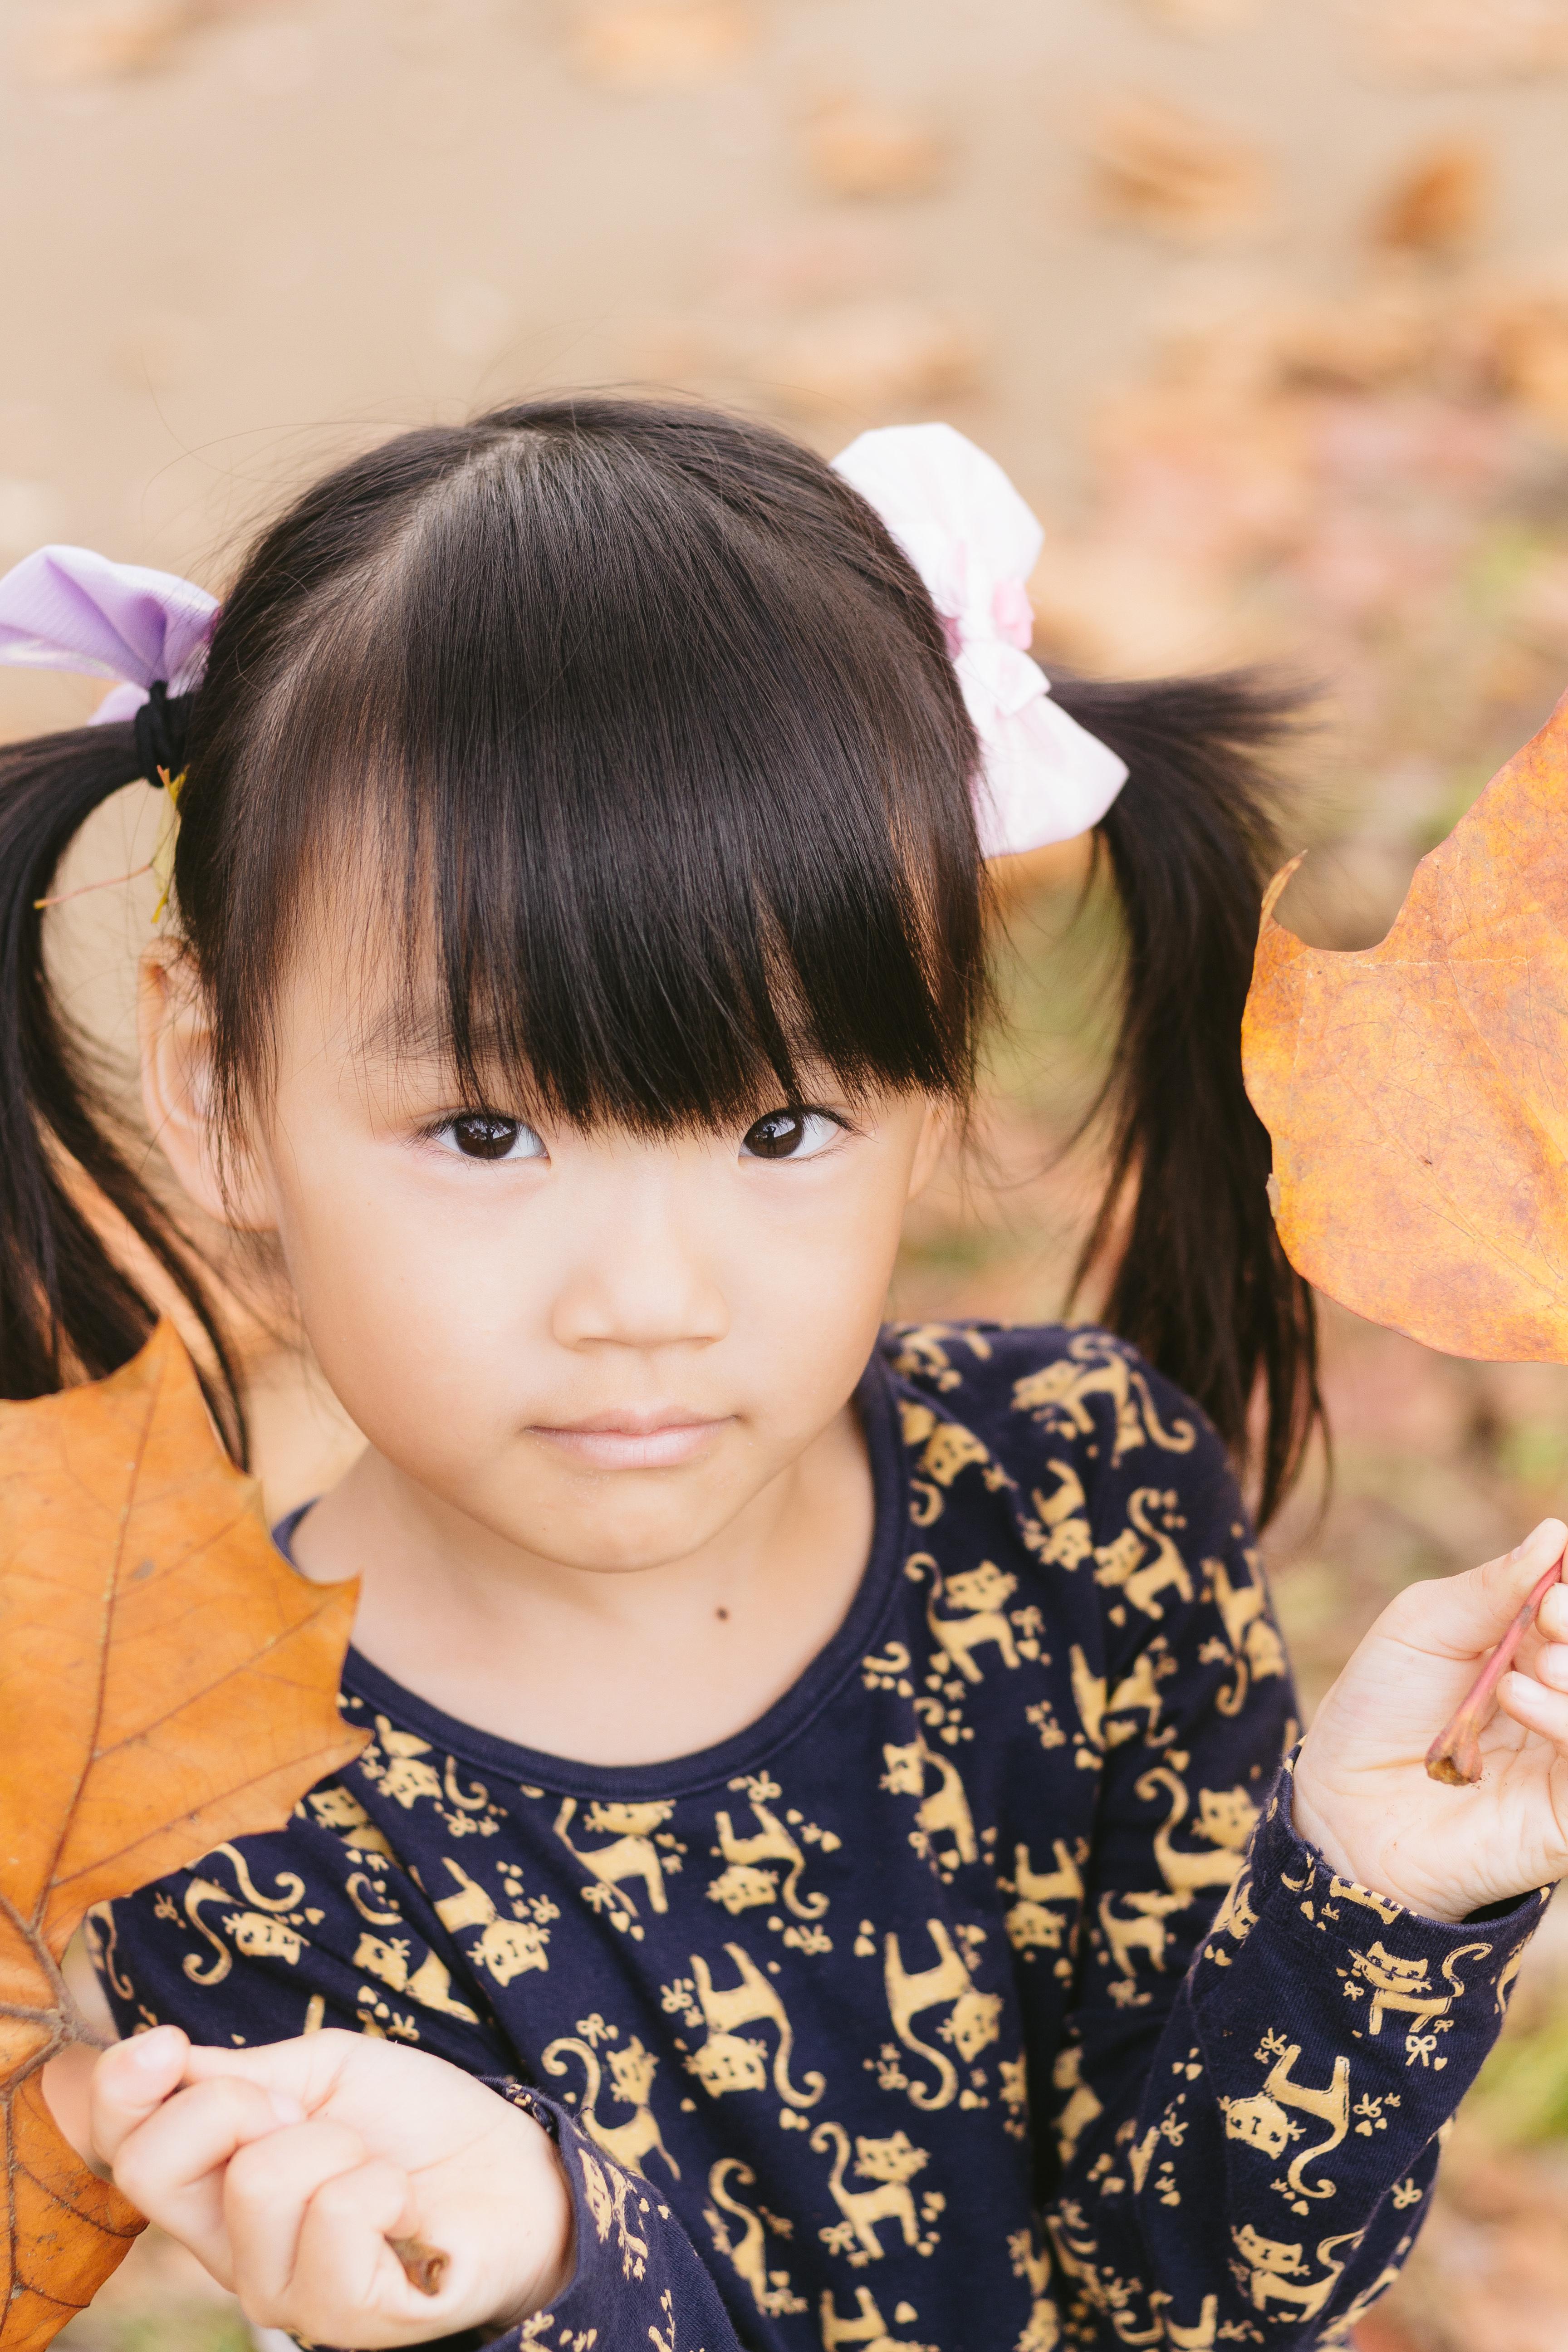 敏感な子の幼稚園選び